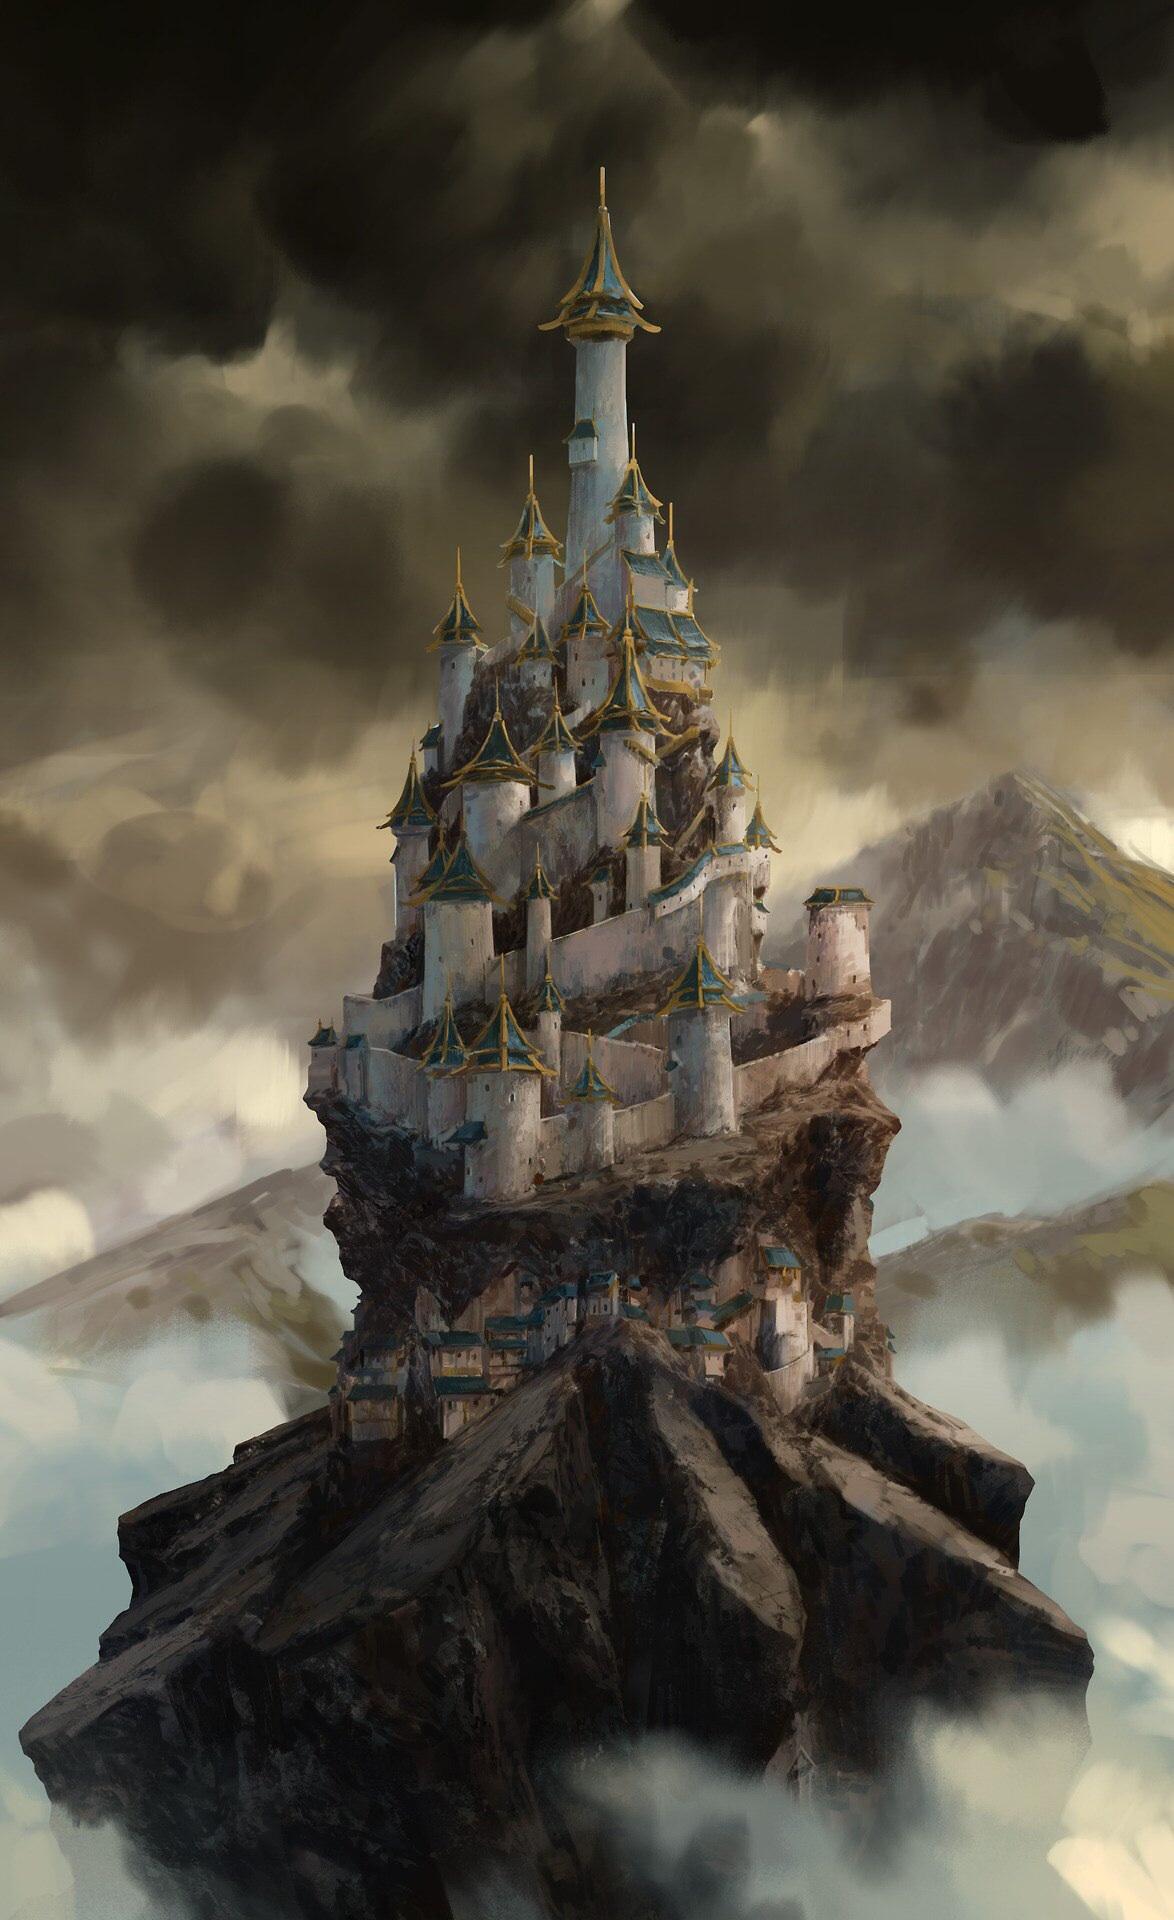 Северный Храм Воздуха